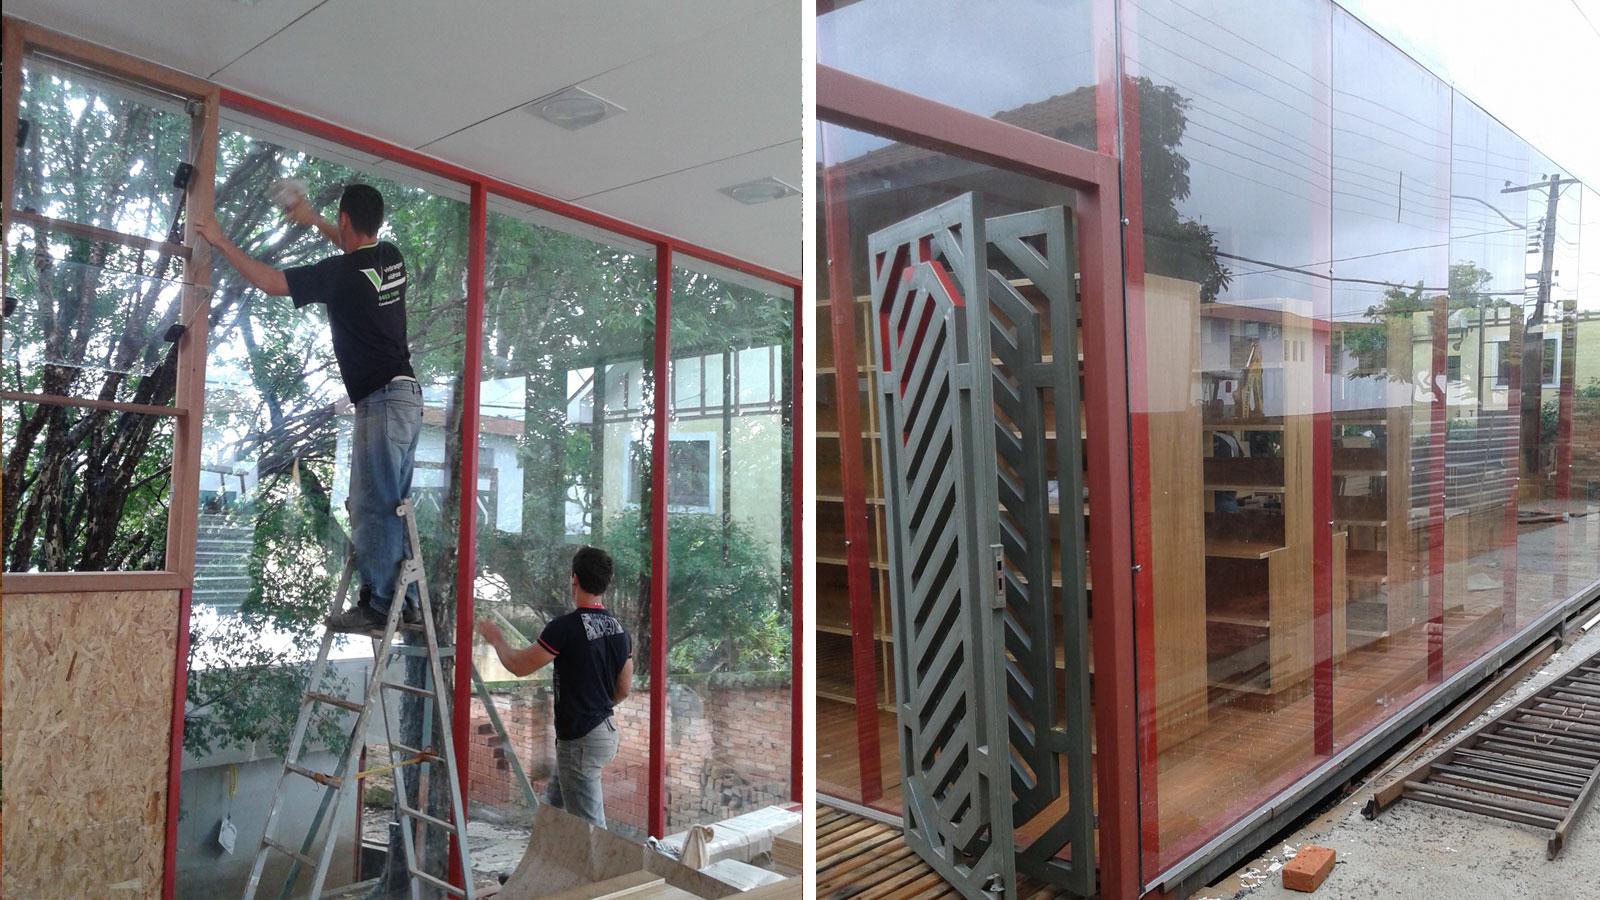 faculdade-keppe-pacheco-paredes-de-vidro